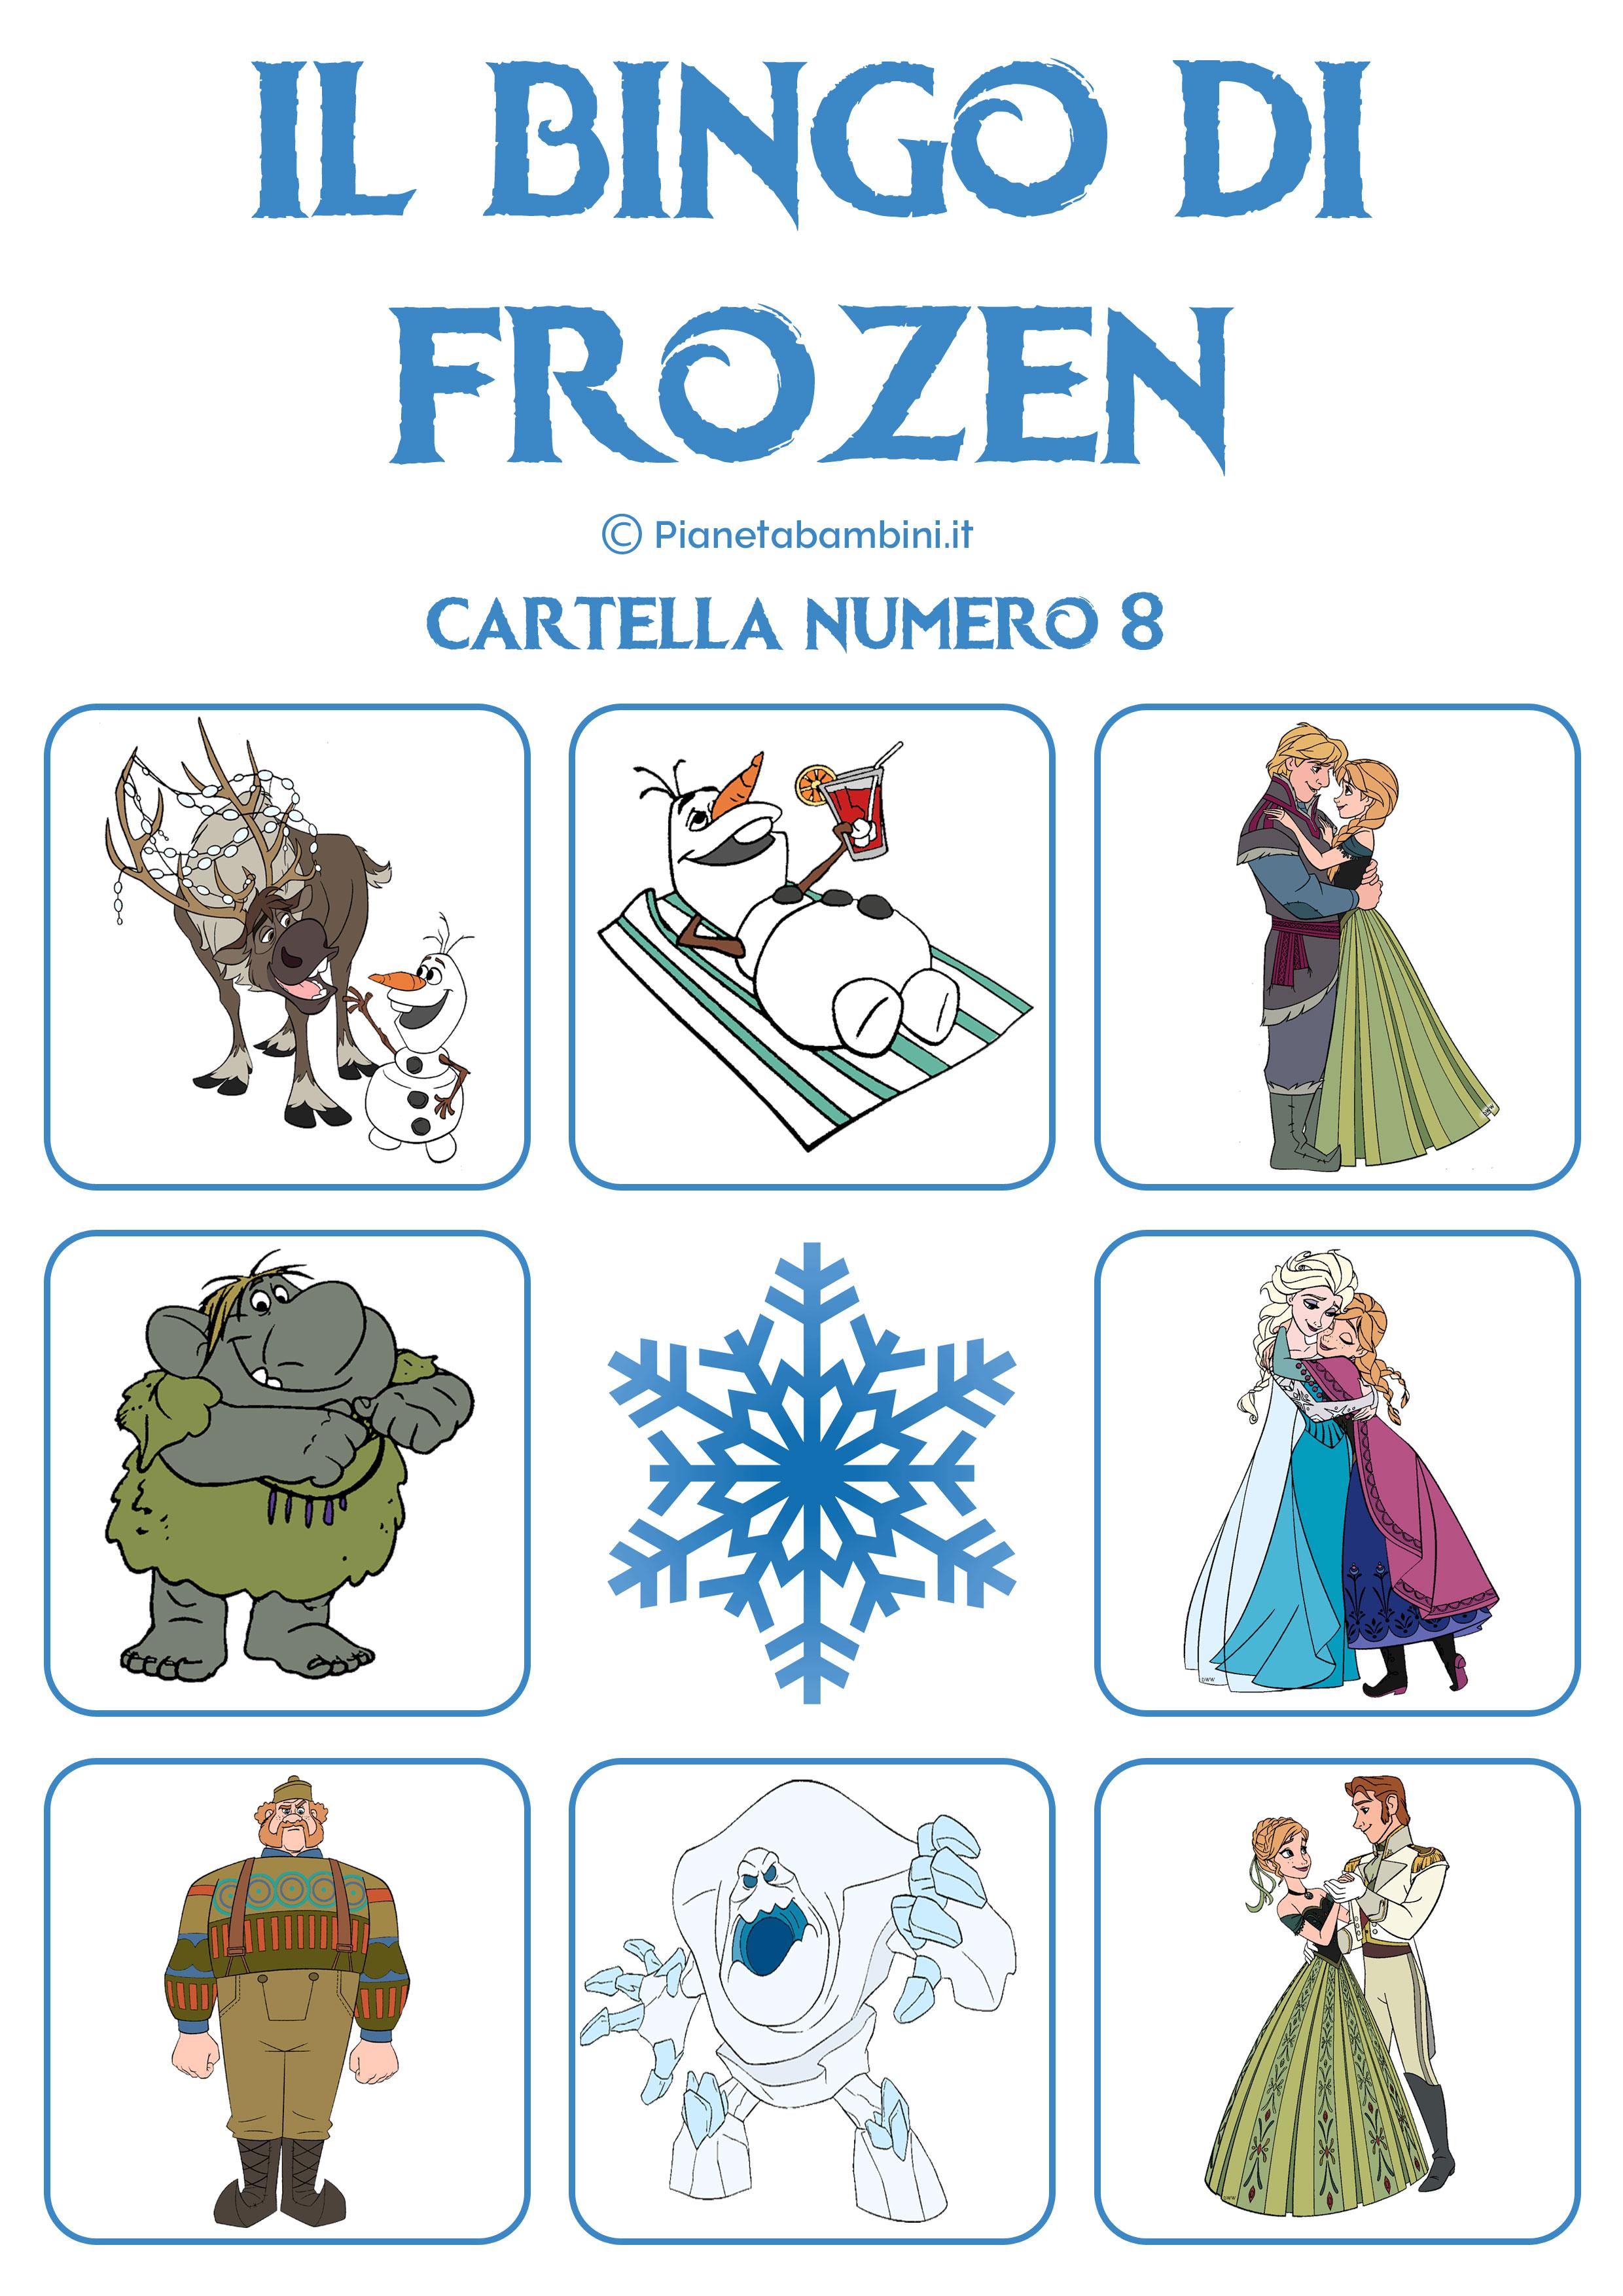 Bingo-Frozen-Cartella-8